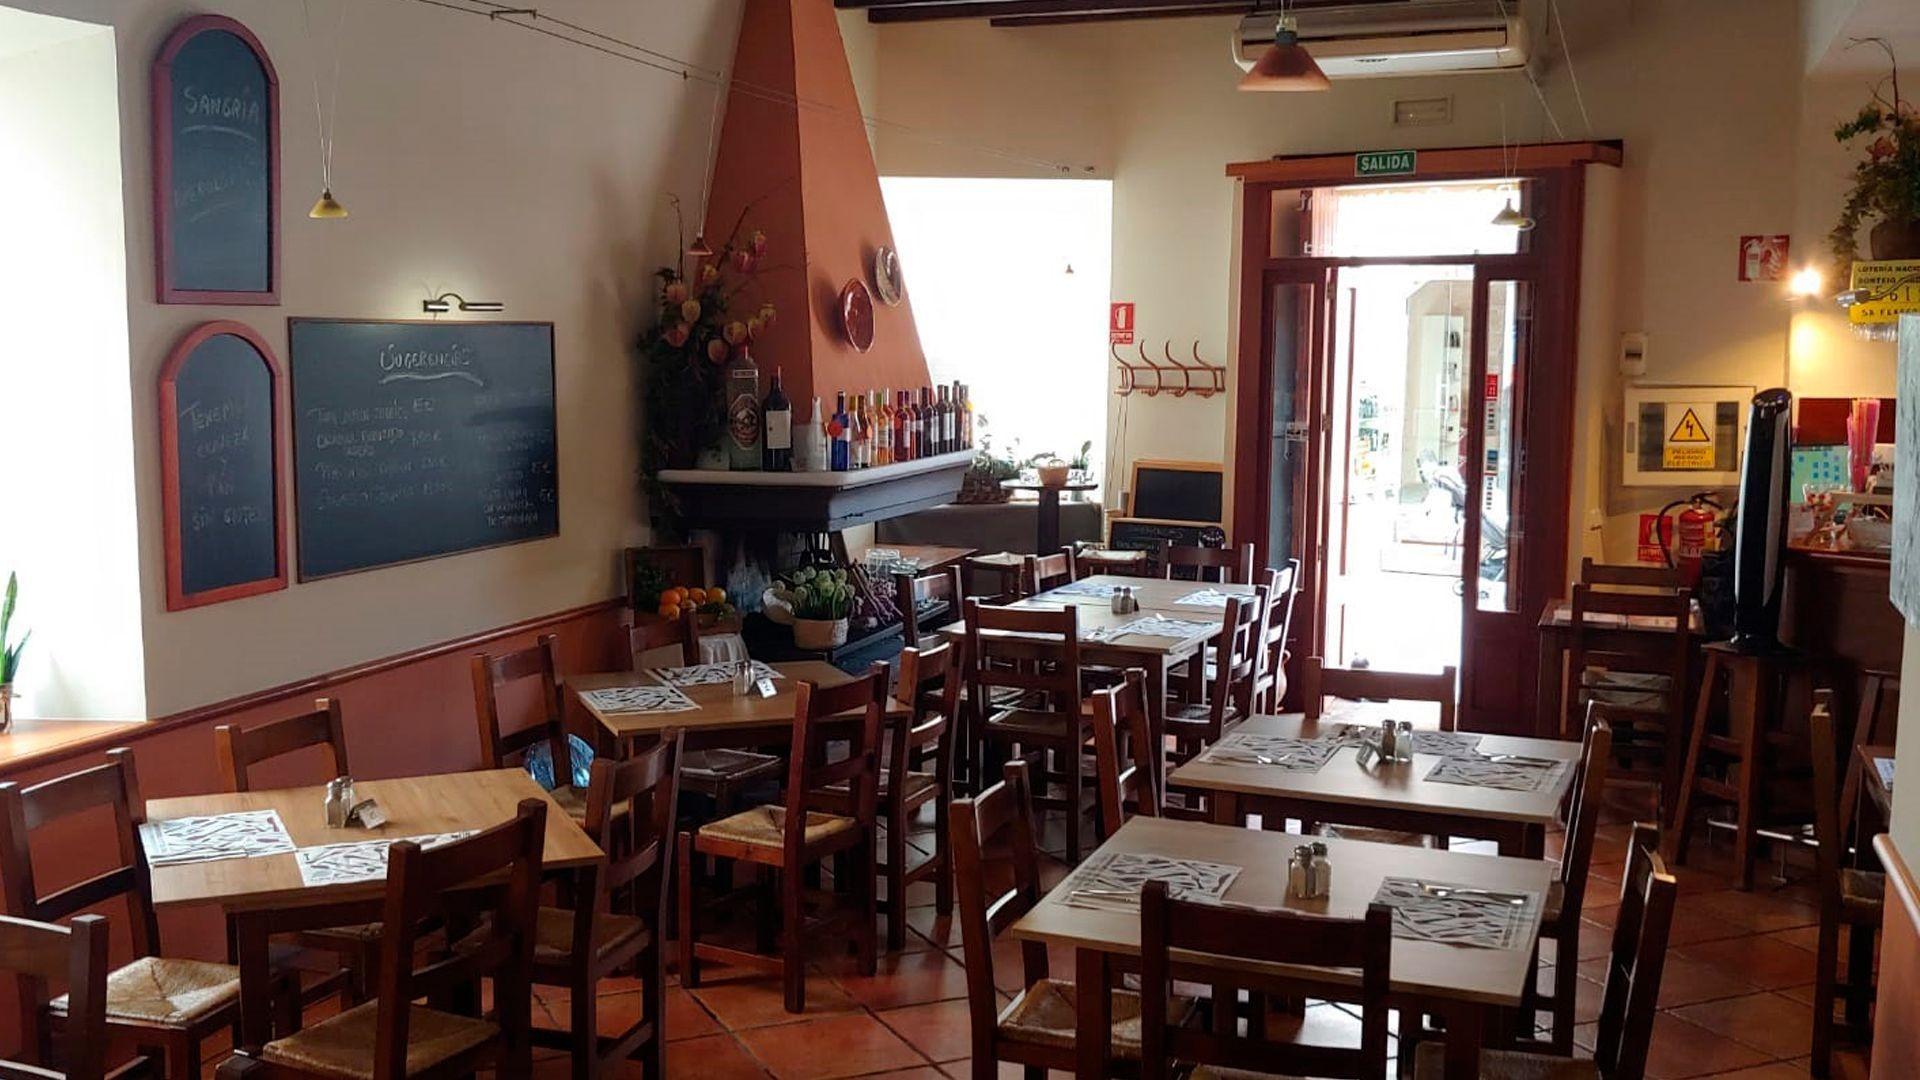 Restaurante de comida mallorquina en Son Servera